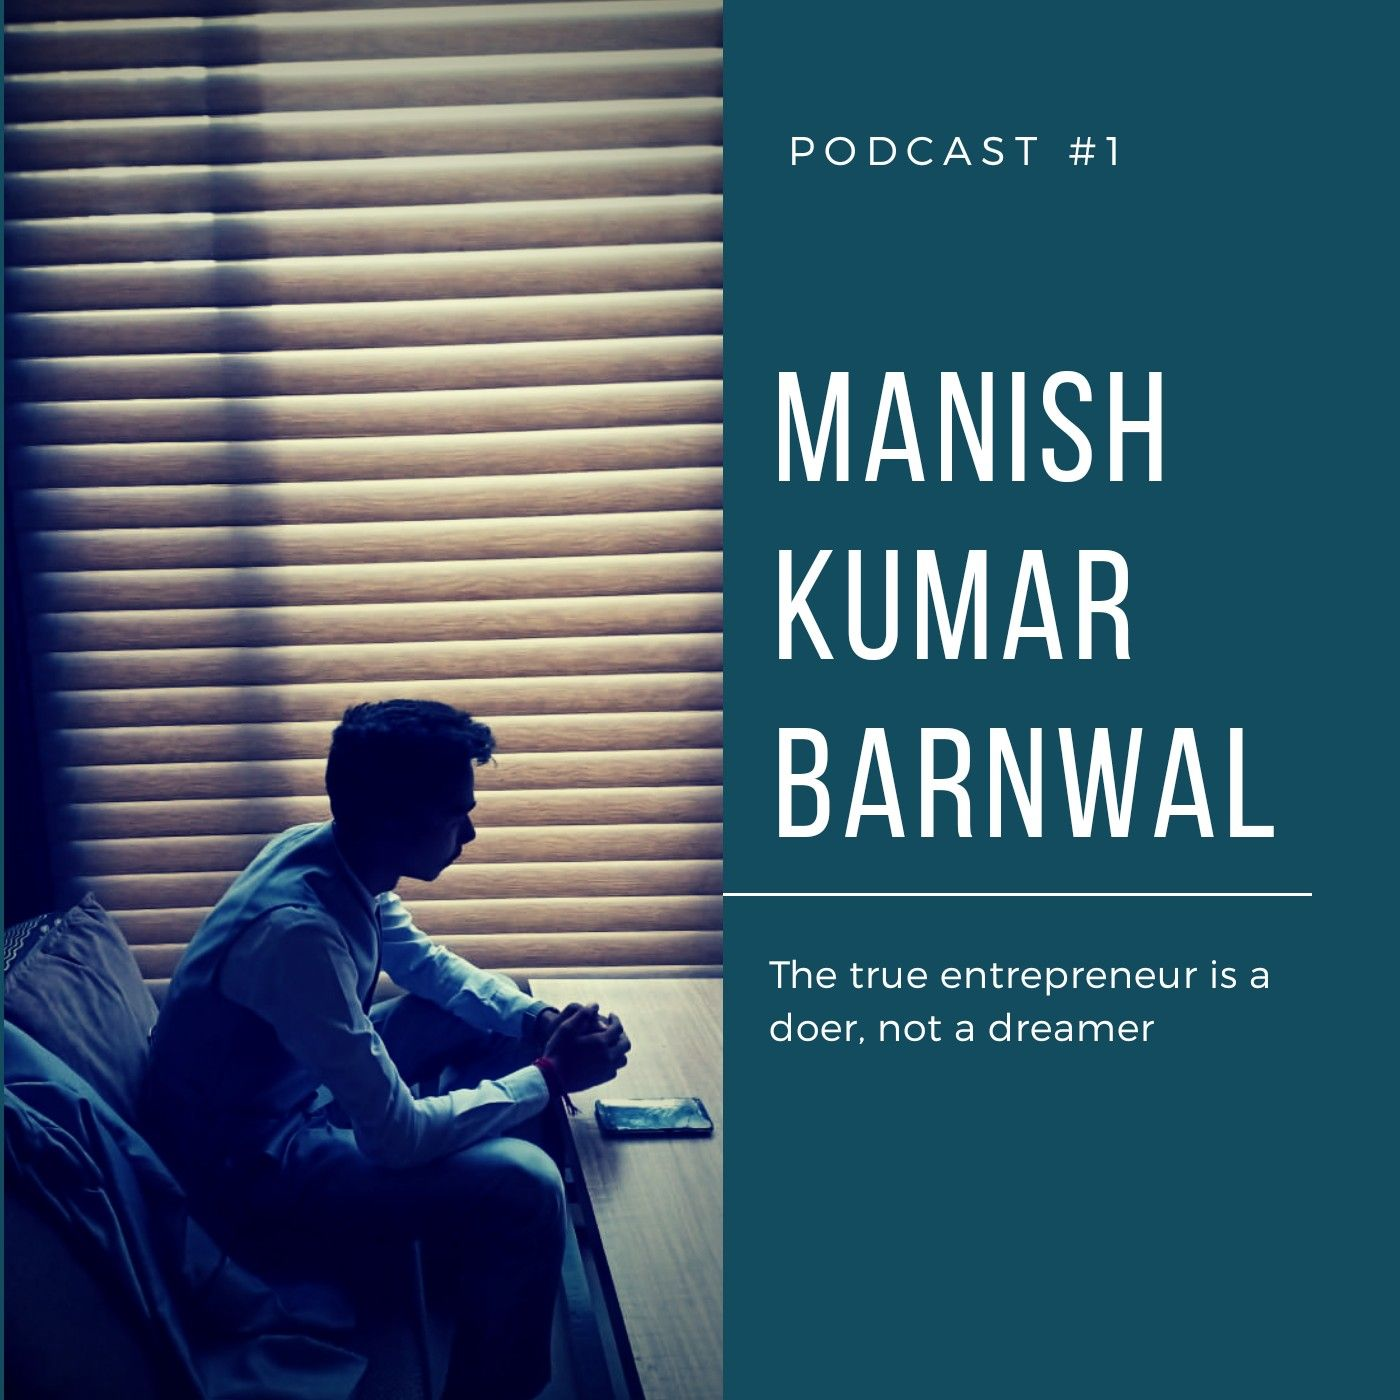 Manish Kumar Barnwal's show